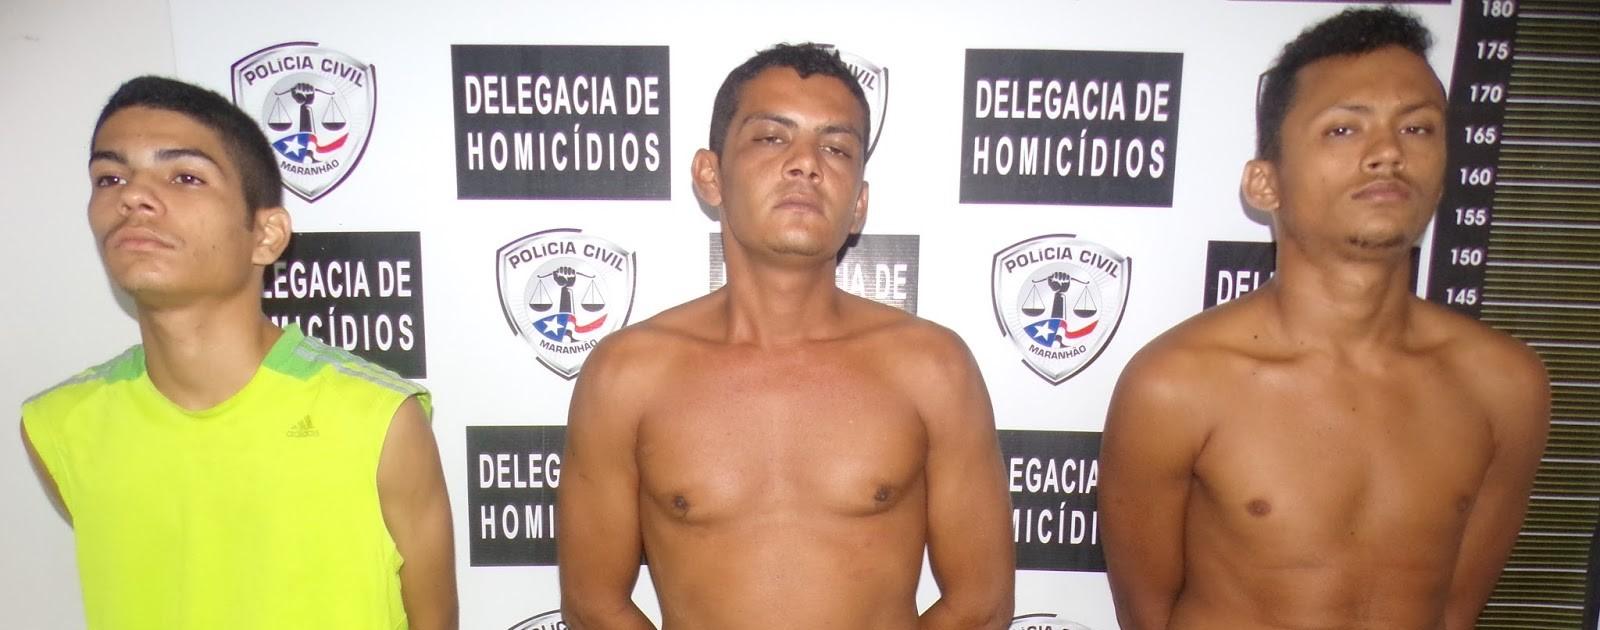 Polícia Civil do Maranhão, prende latrocidas no bairro do Santo Antônio